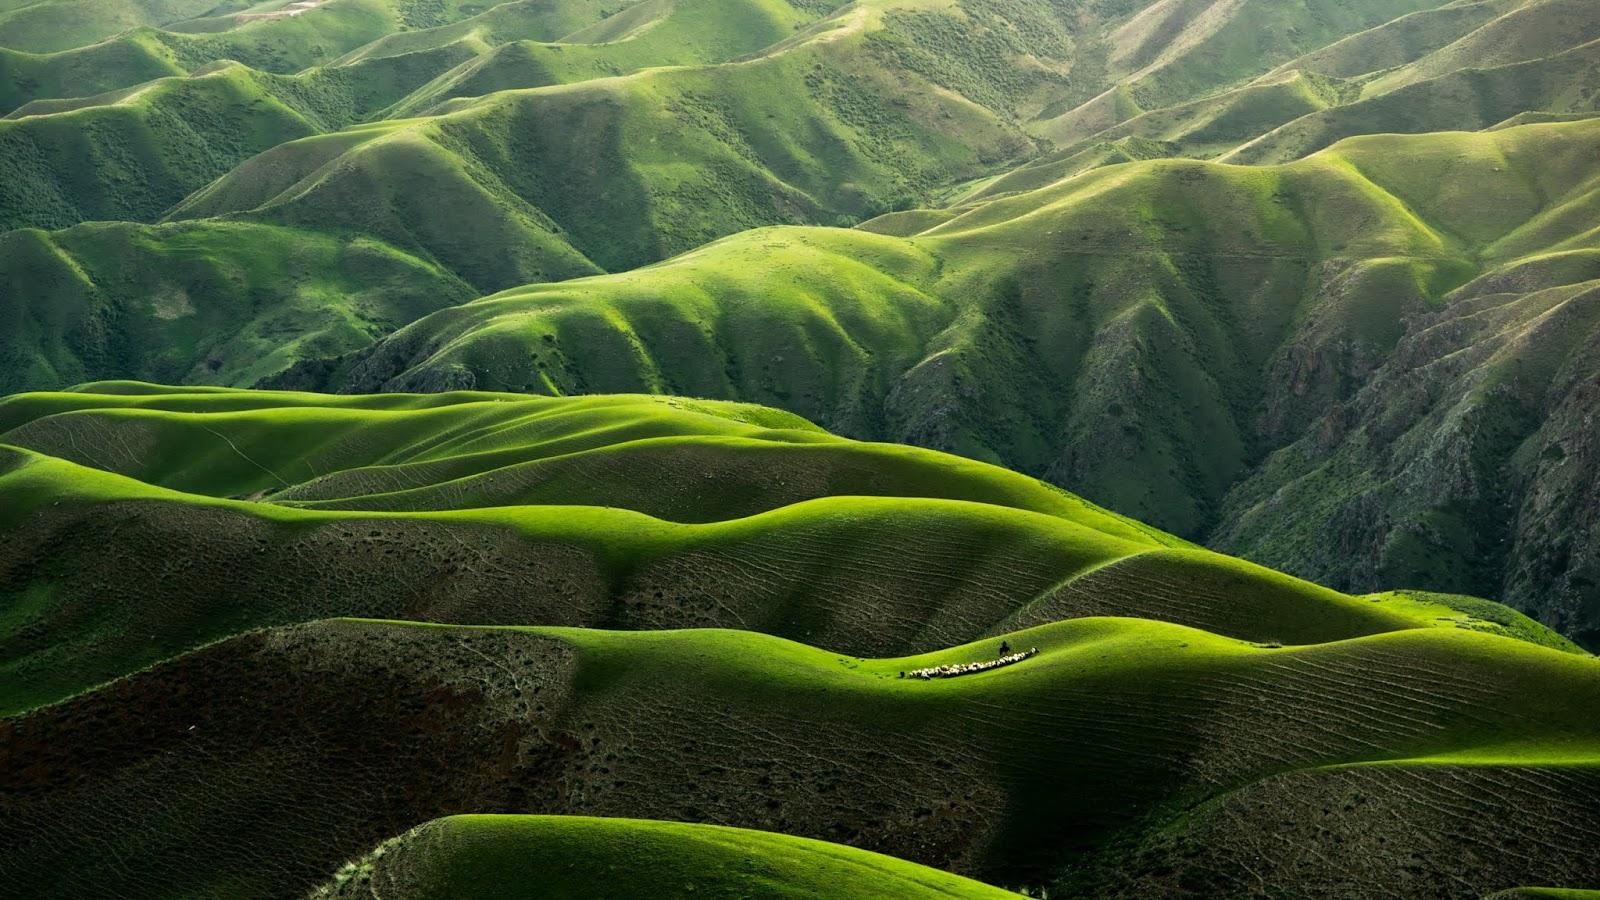 Mountains wallpaper green